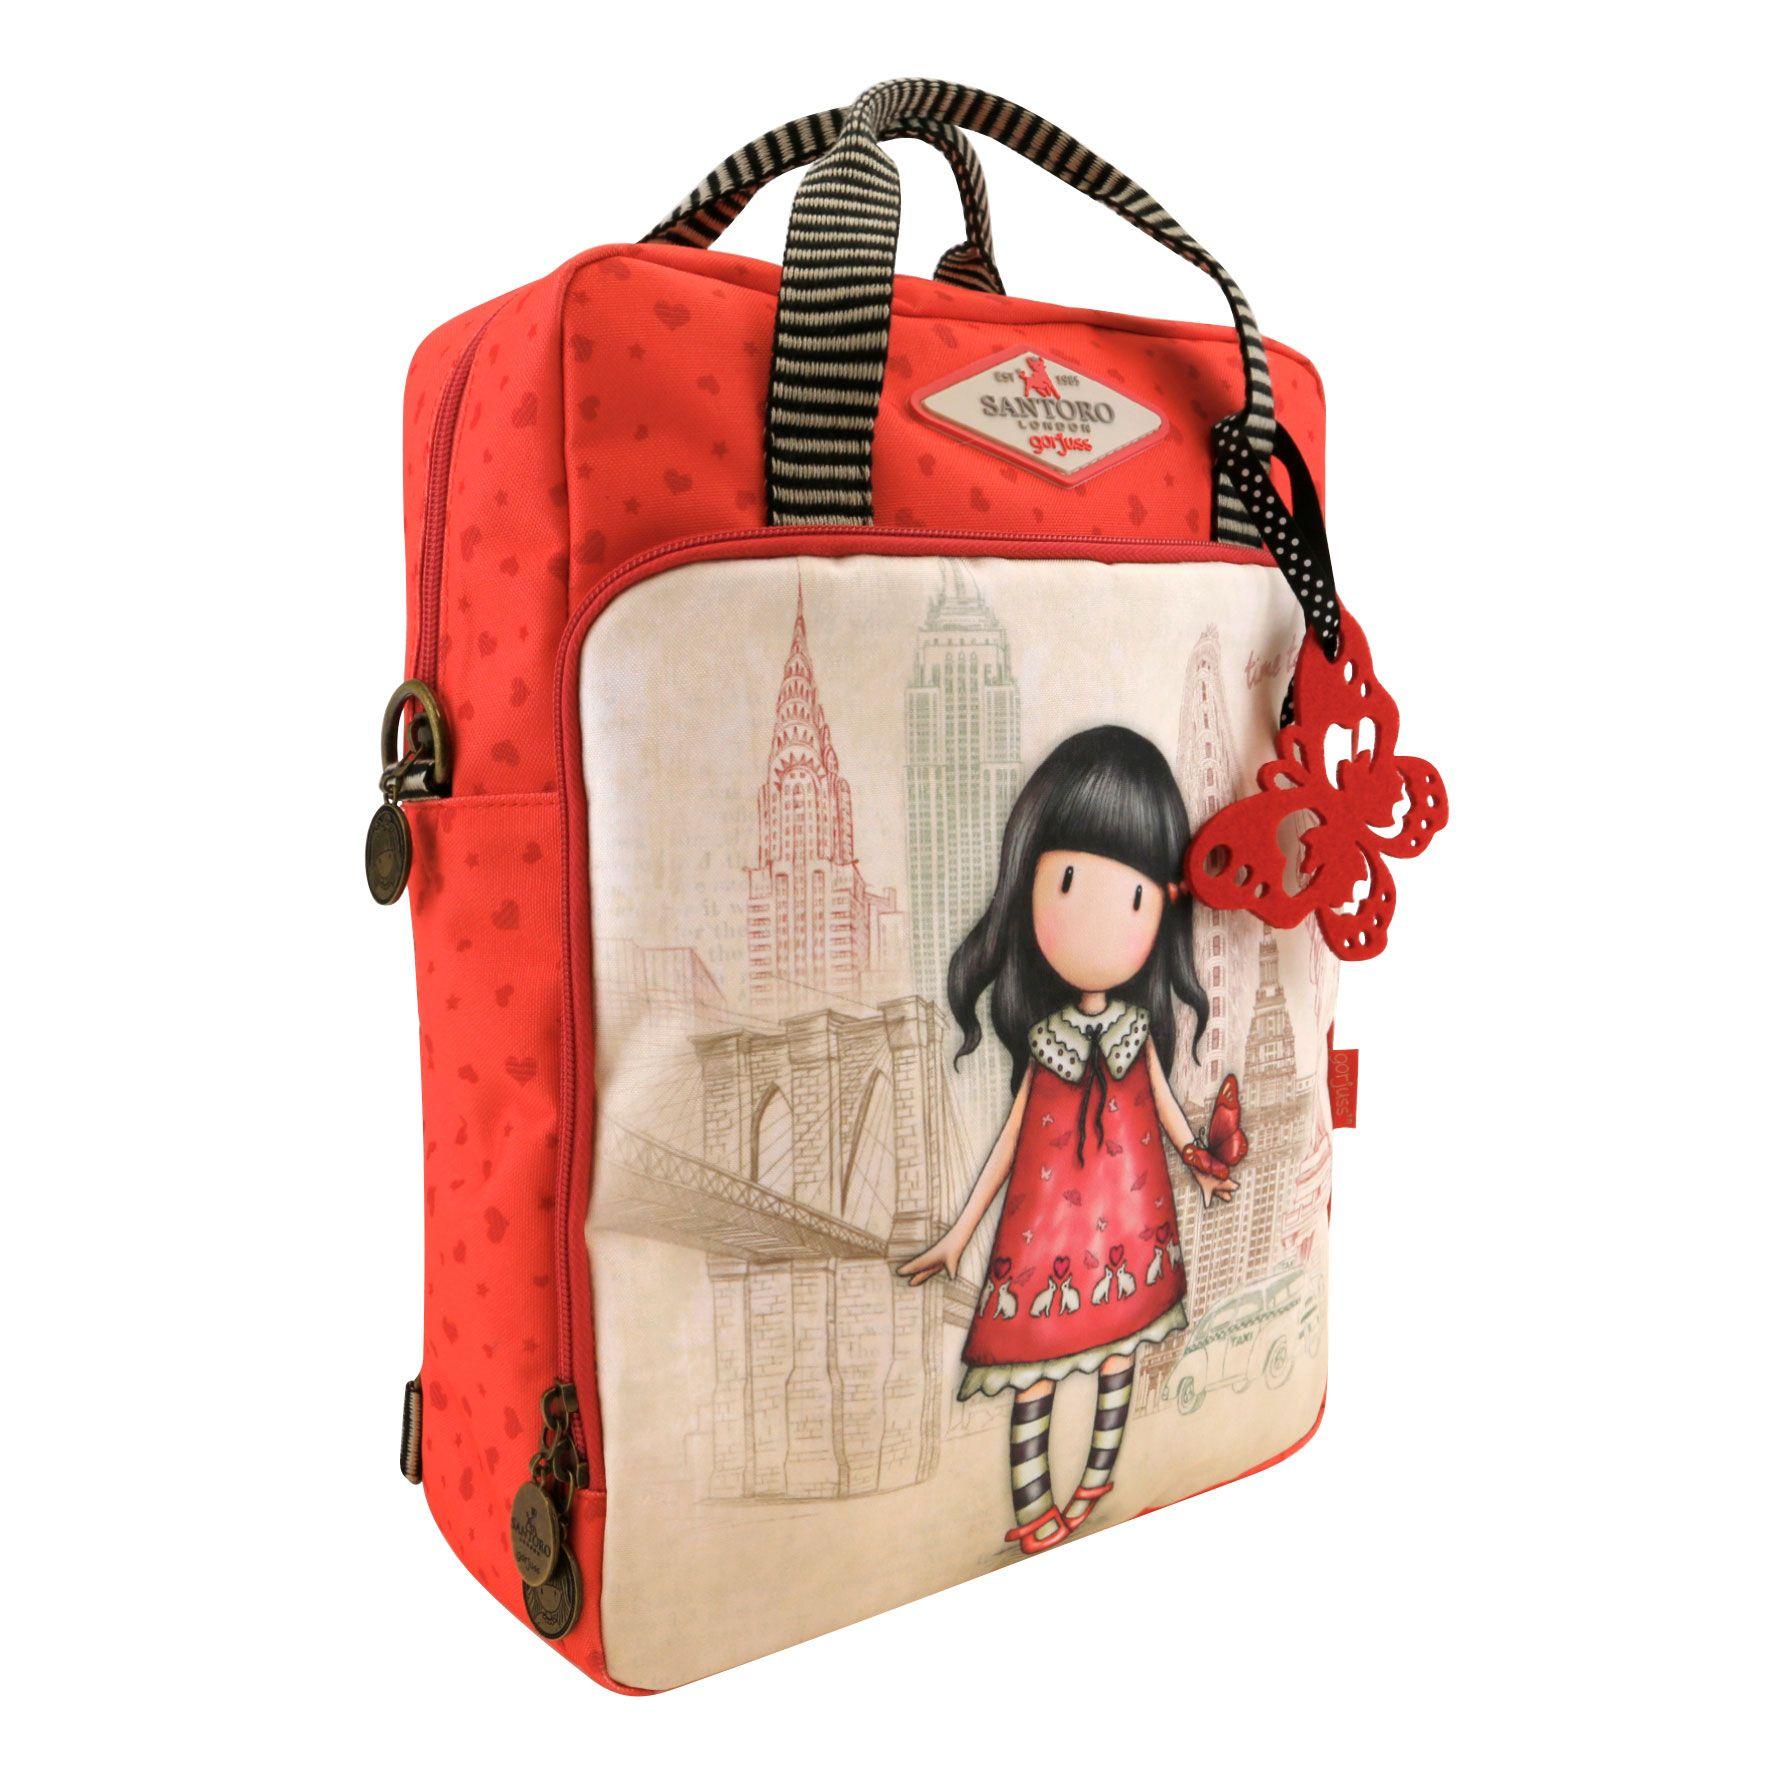 Batůžek-kabelka - motiv Time To Fly od firmy SANTORO London Gorjuss ... 37336af8035